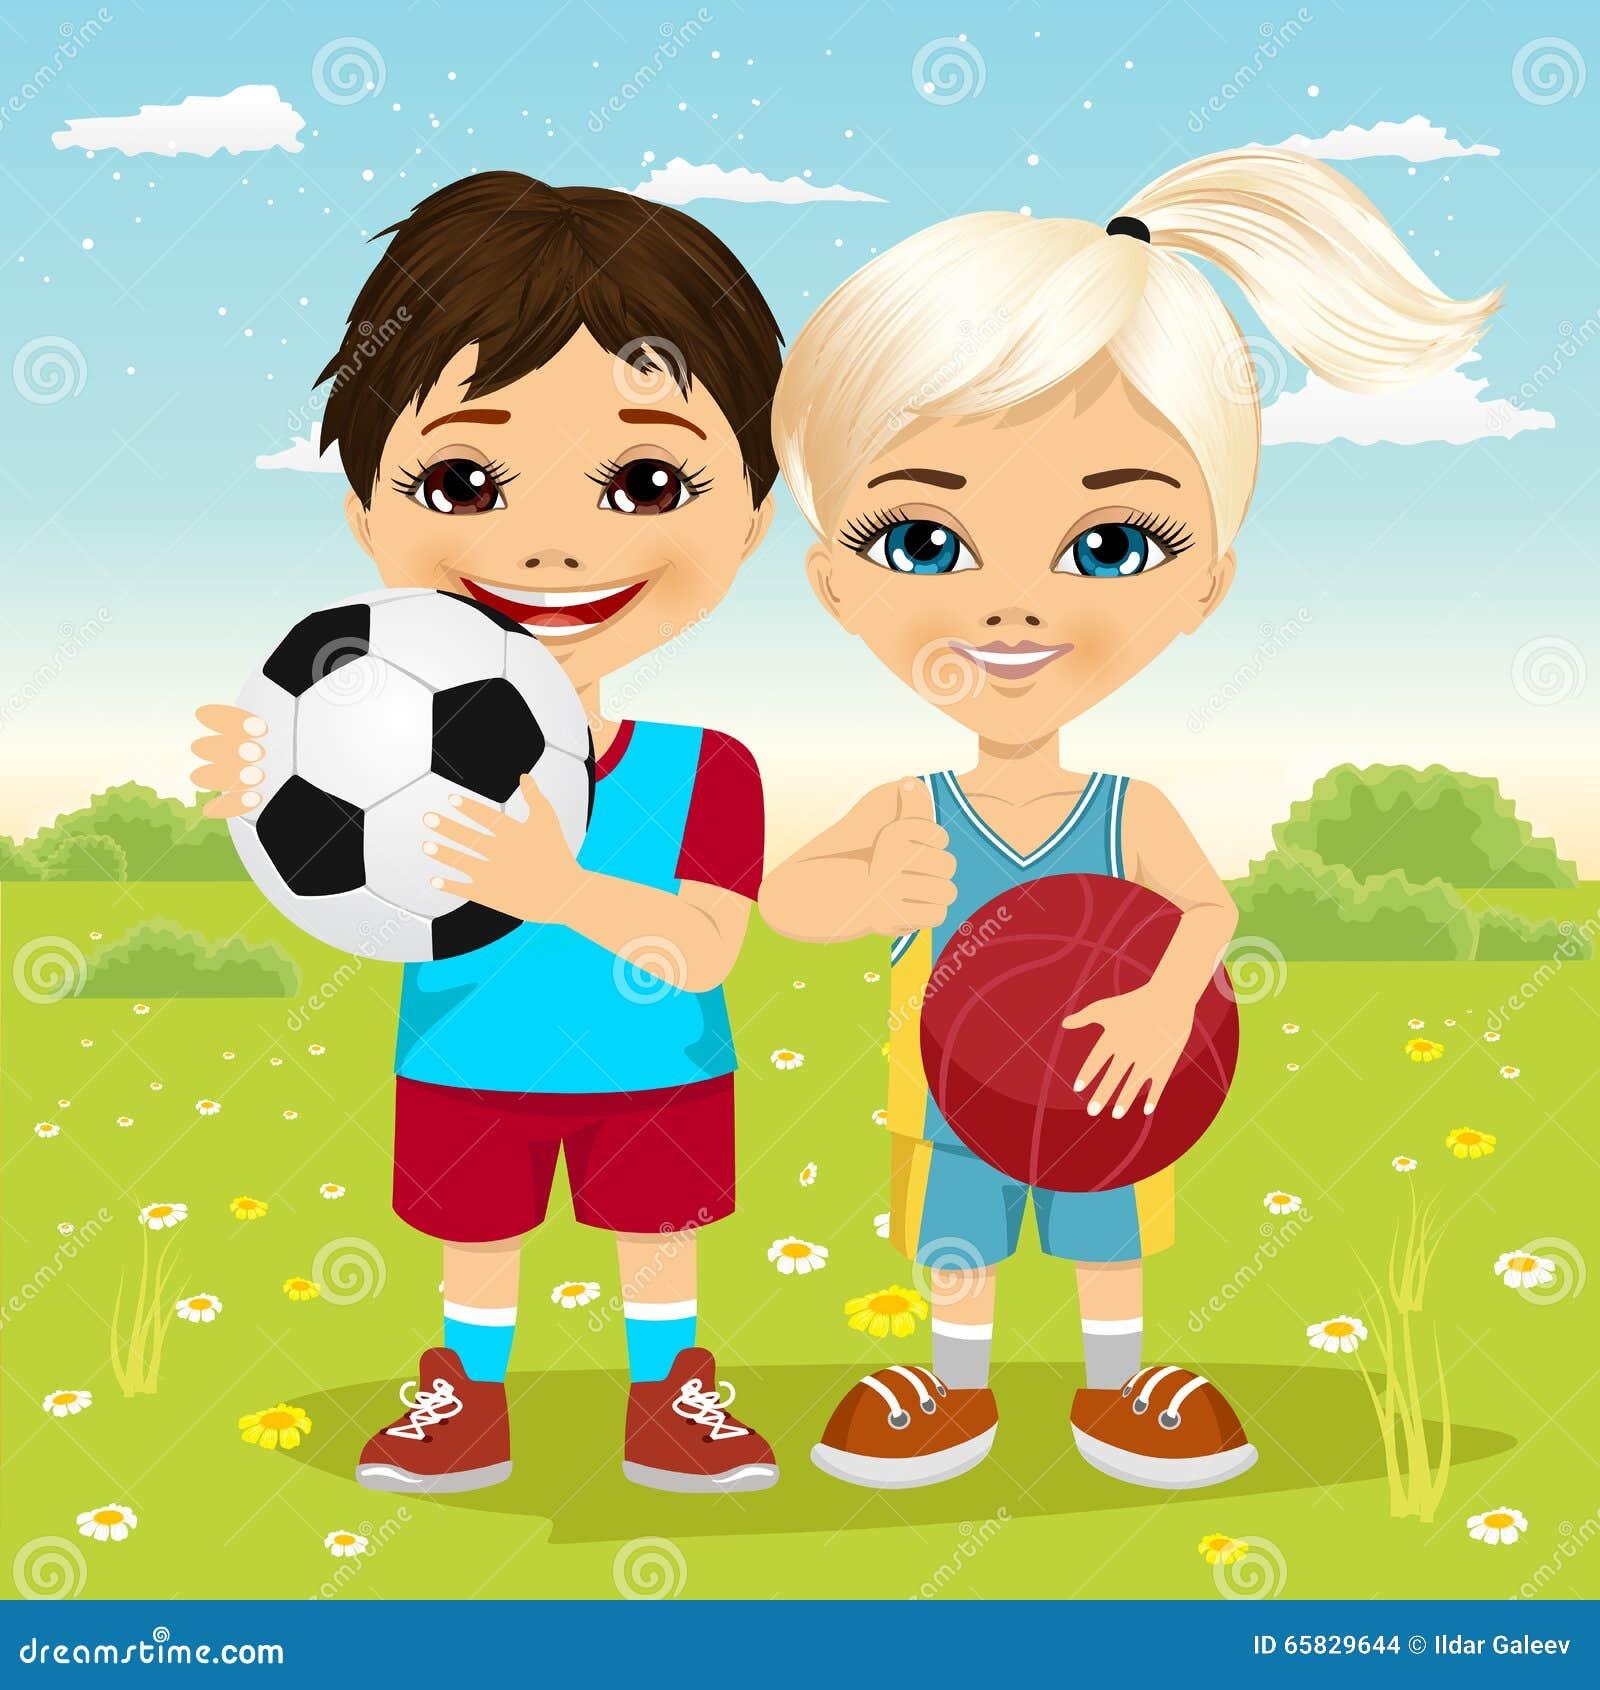 Coloriage Petite fille et ballons - scrapcoloringfr